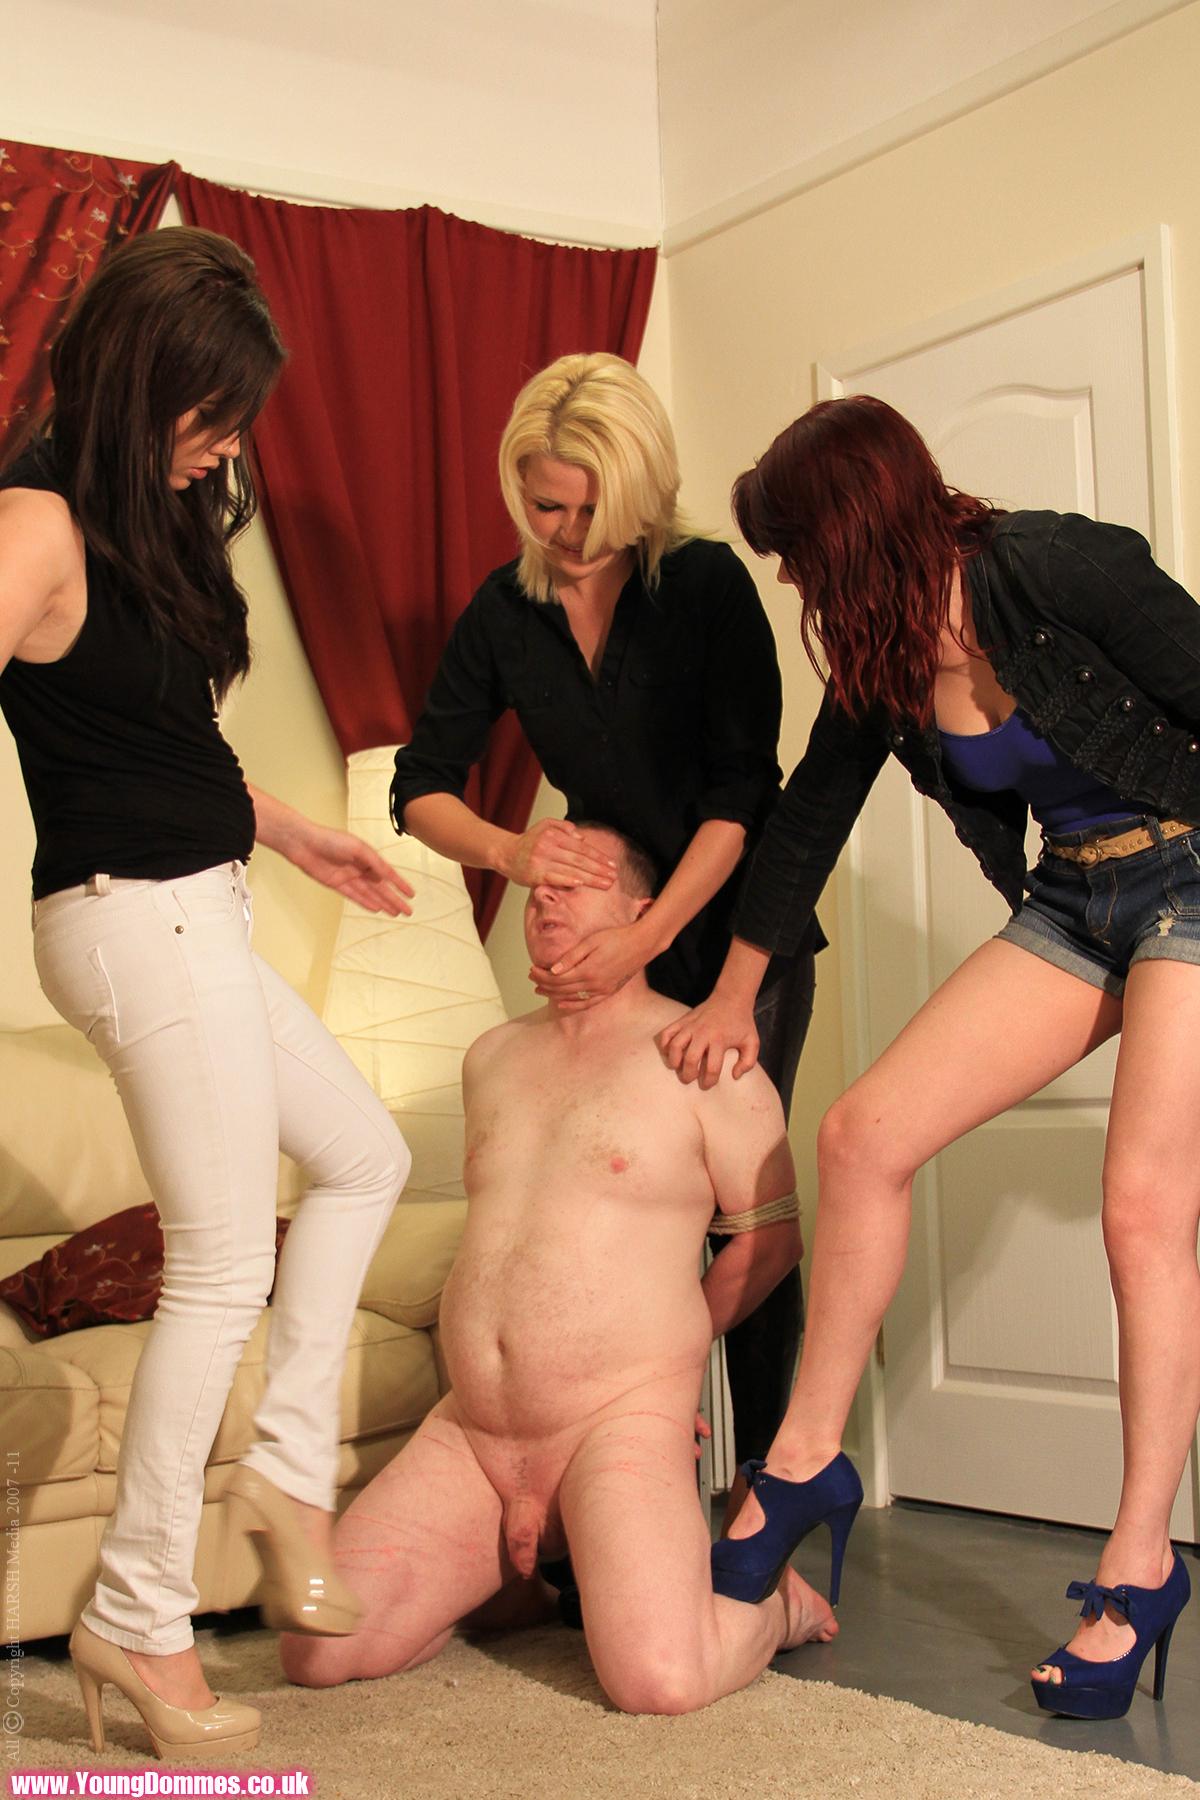 Mature ladiess ballbusting young guys, free mature blonde sex videos